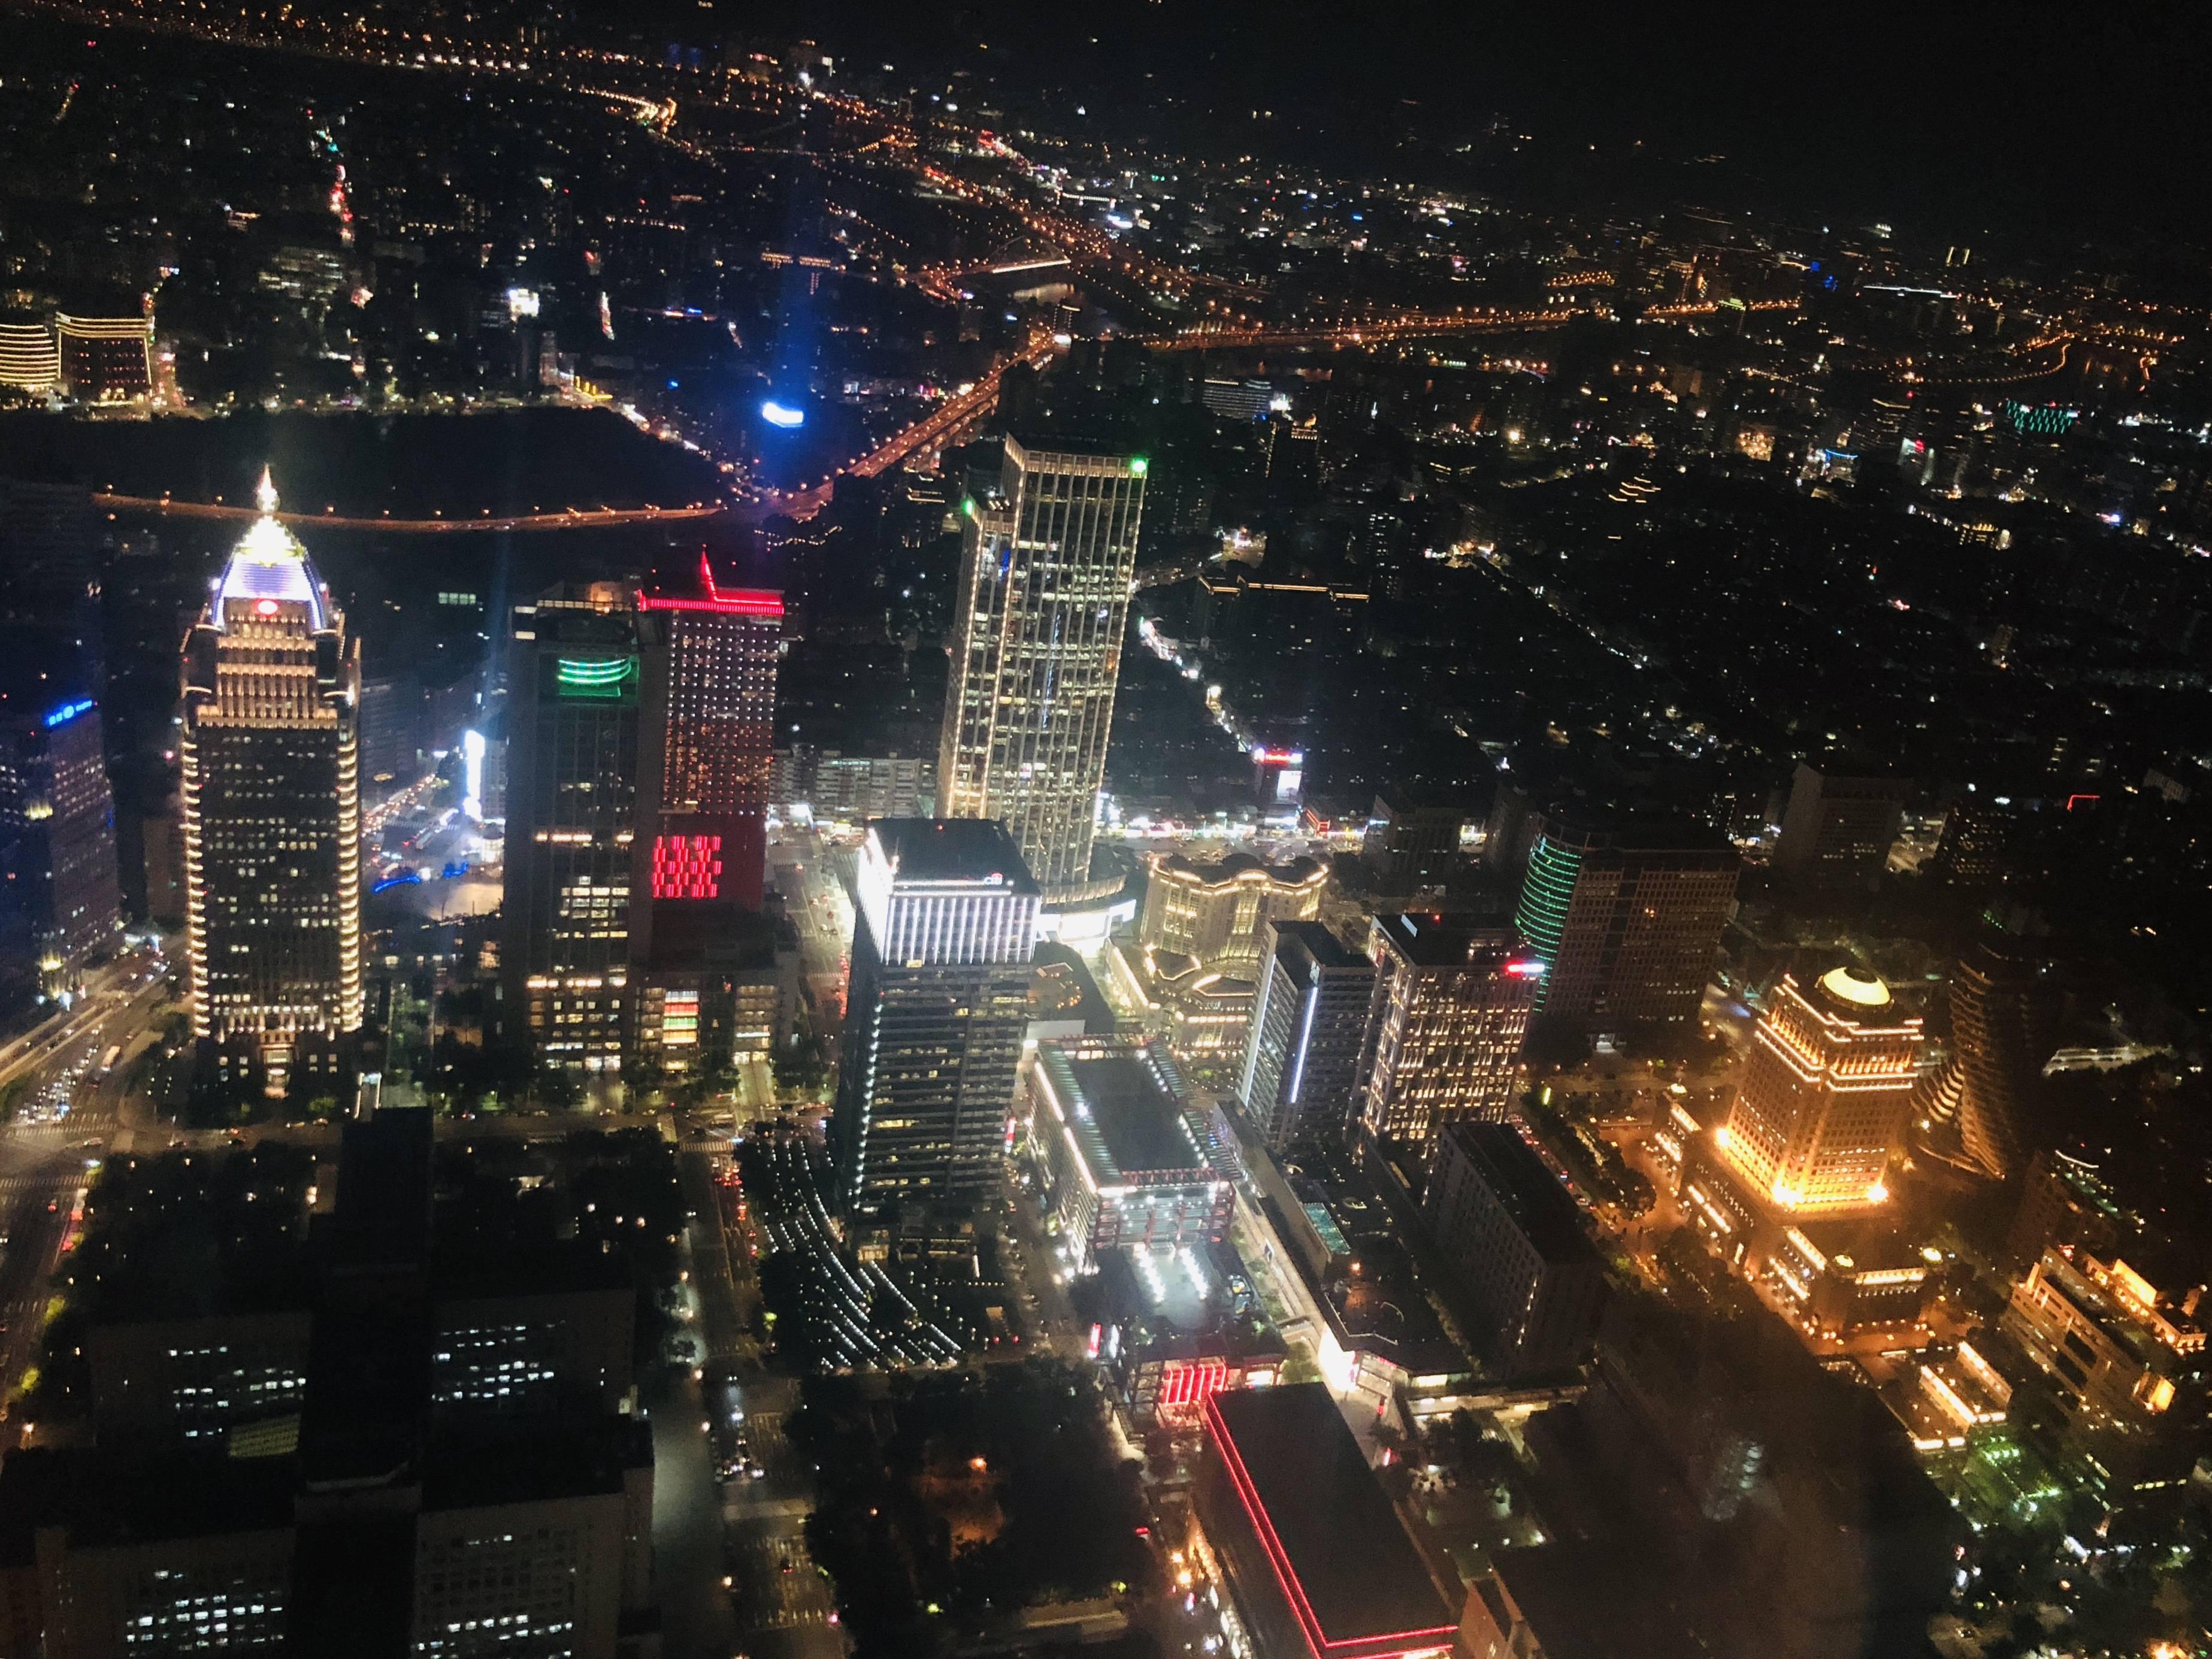 Vol.69♡ 初めての台湾旅行!オススメ観光スポットとグルメ情報♡_1_2